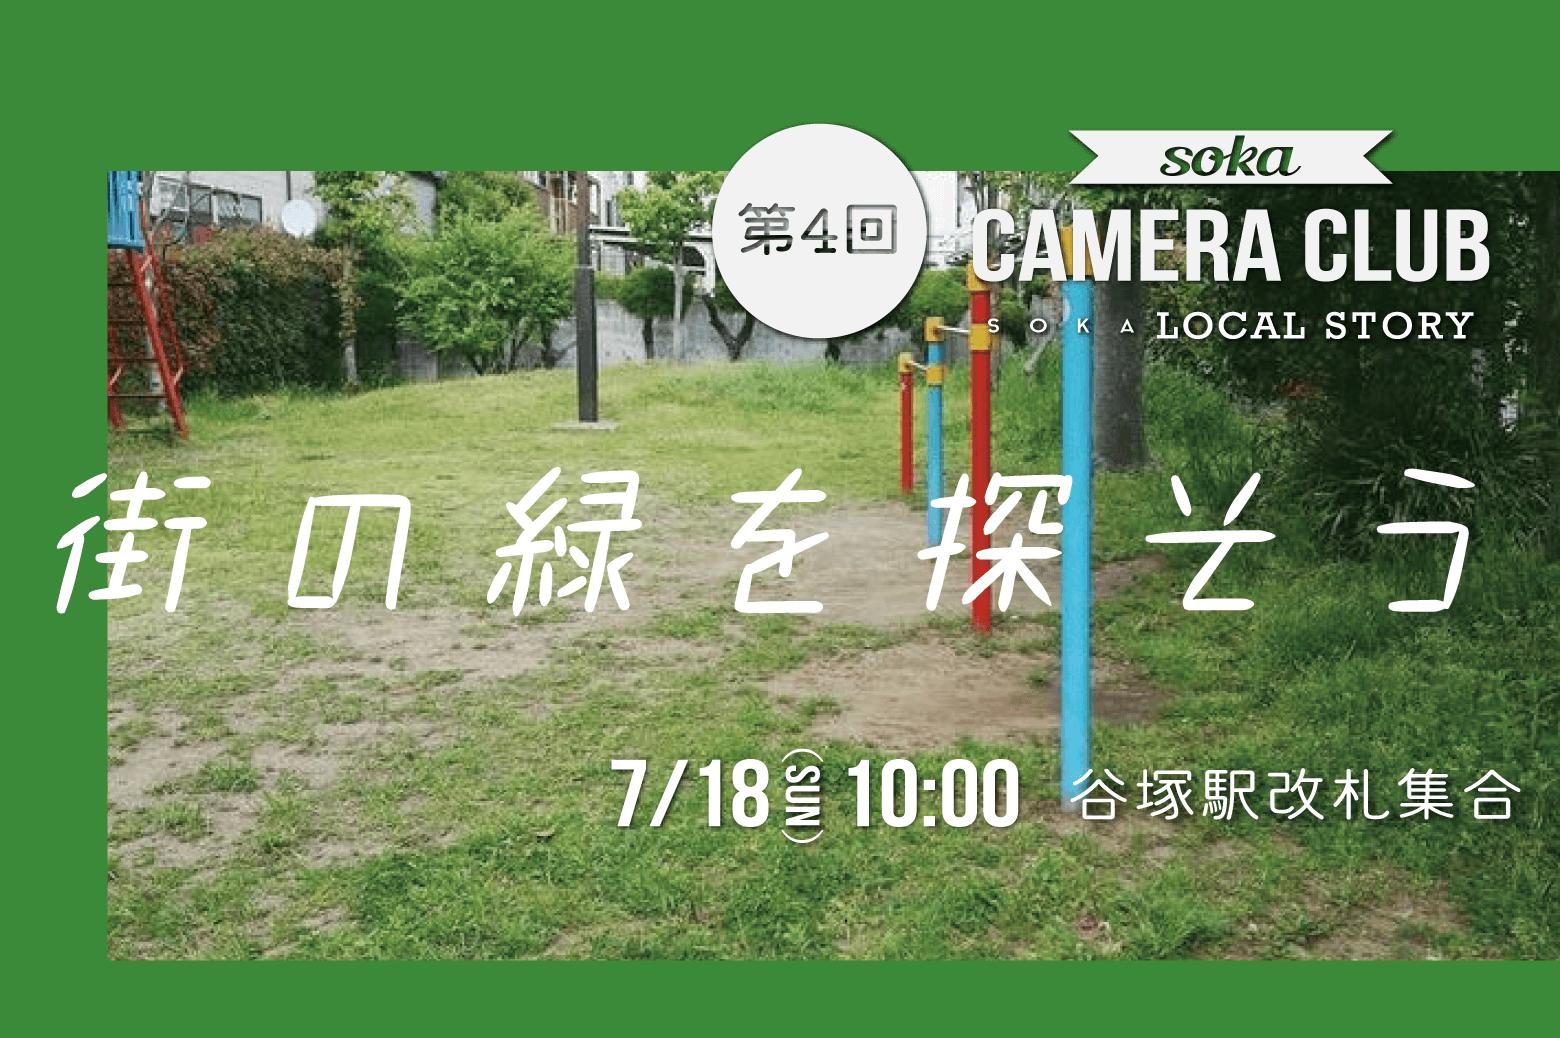 ローカルWEBメディア・地域サイト 草加ローカルストーリー 草加カメラ部 7/19告知